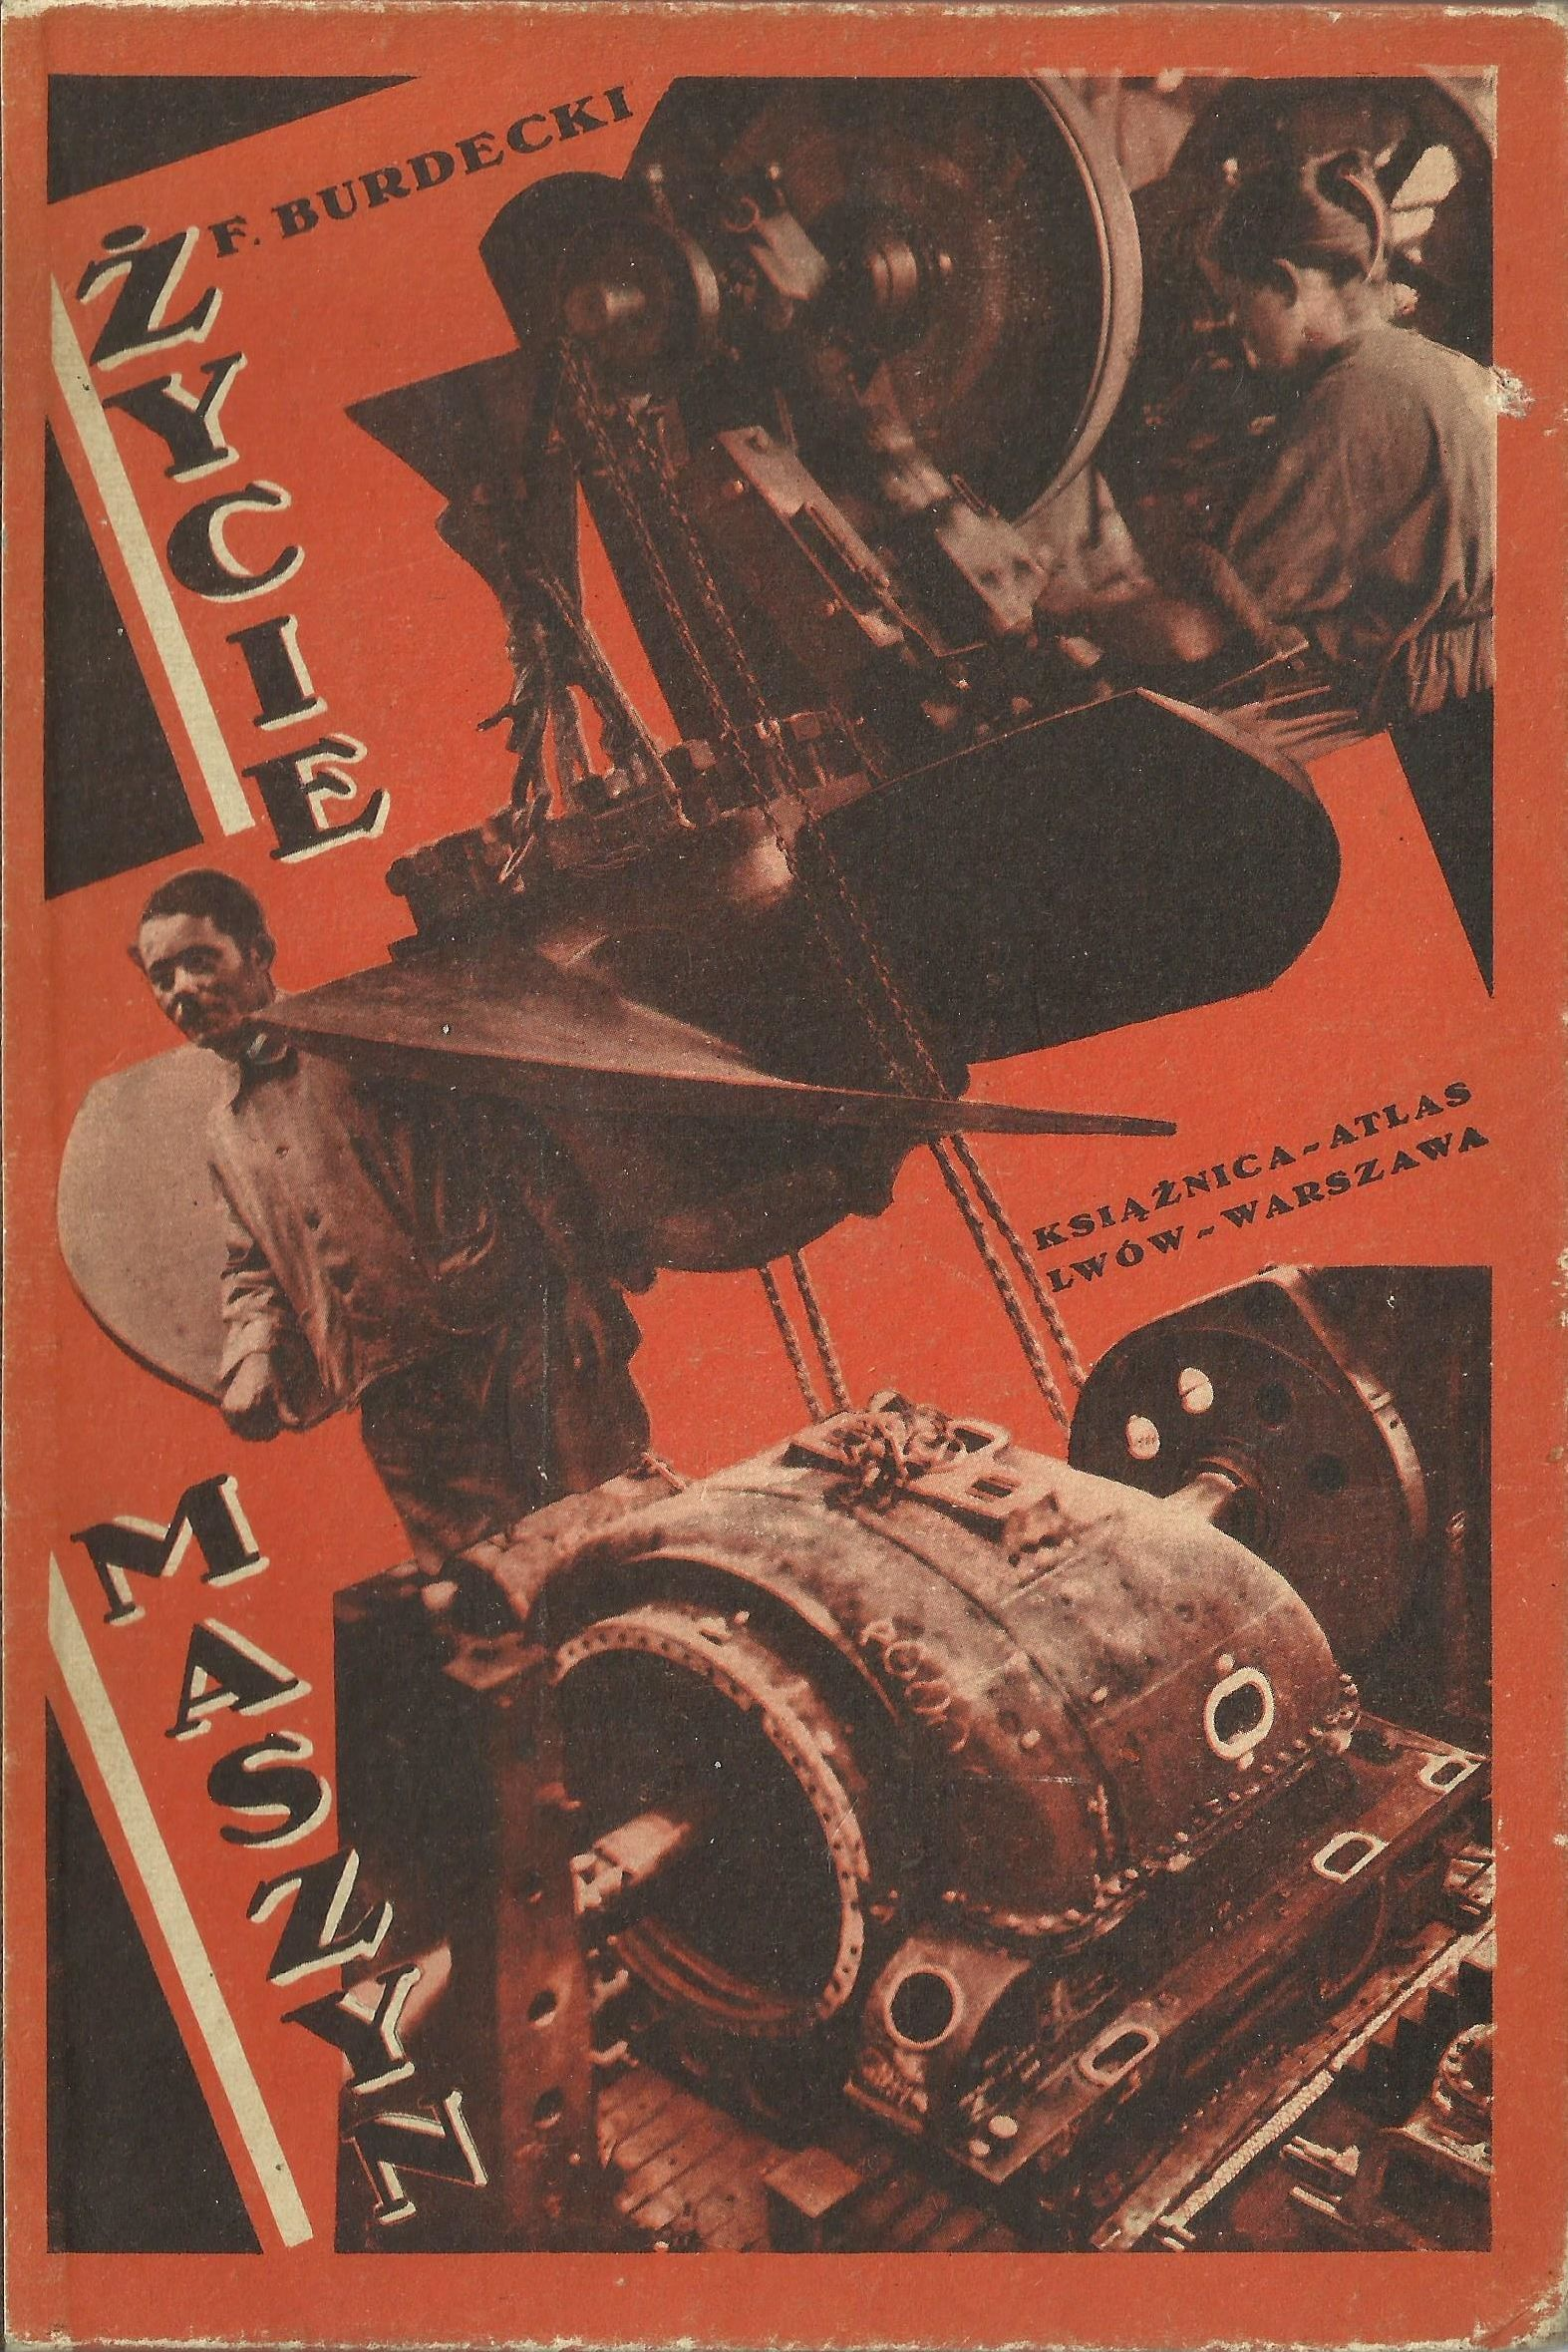 """""""Życie maszyn"""" Feliks Burdecki Cover by Konstanty Sopoćko (?) Book series Bibljoteka Iskier vol. 46 (1934)"""